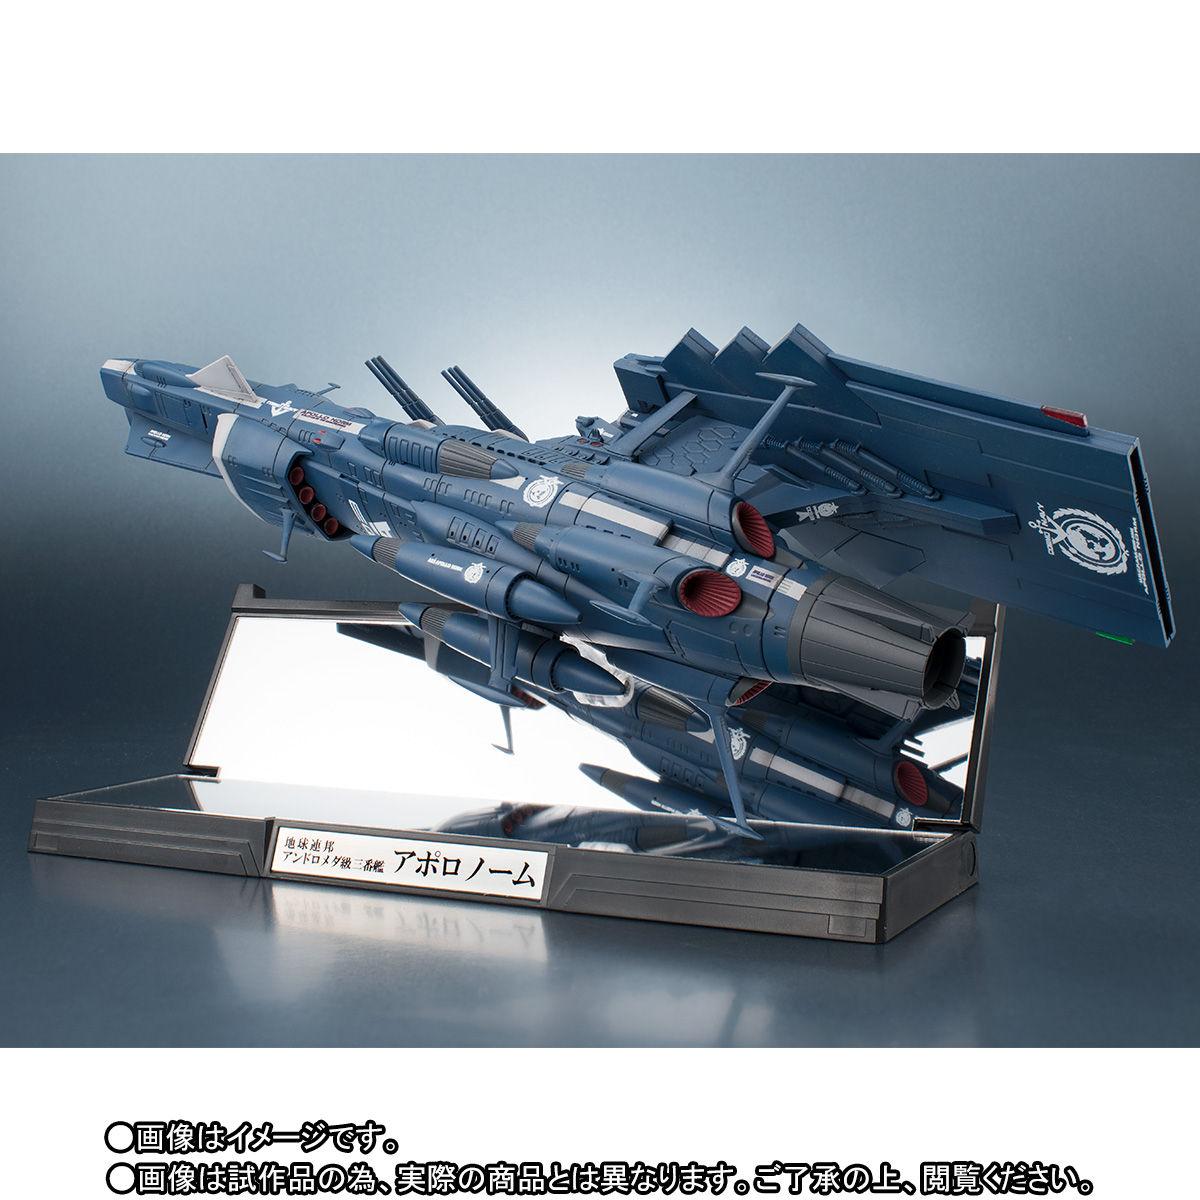 輝艦大全『地球連邦アンドロメダ級三番艦 アポロノーム|宇宙戦艦ヤマト2202』1/2000 完成品モデル-009